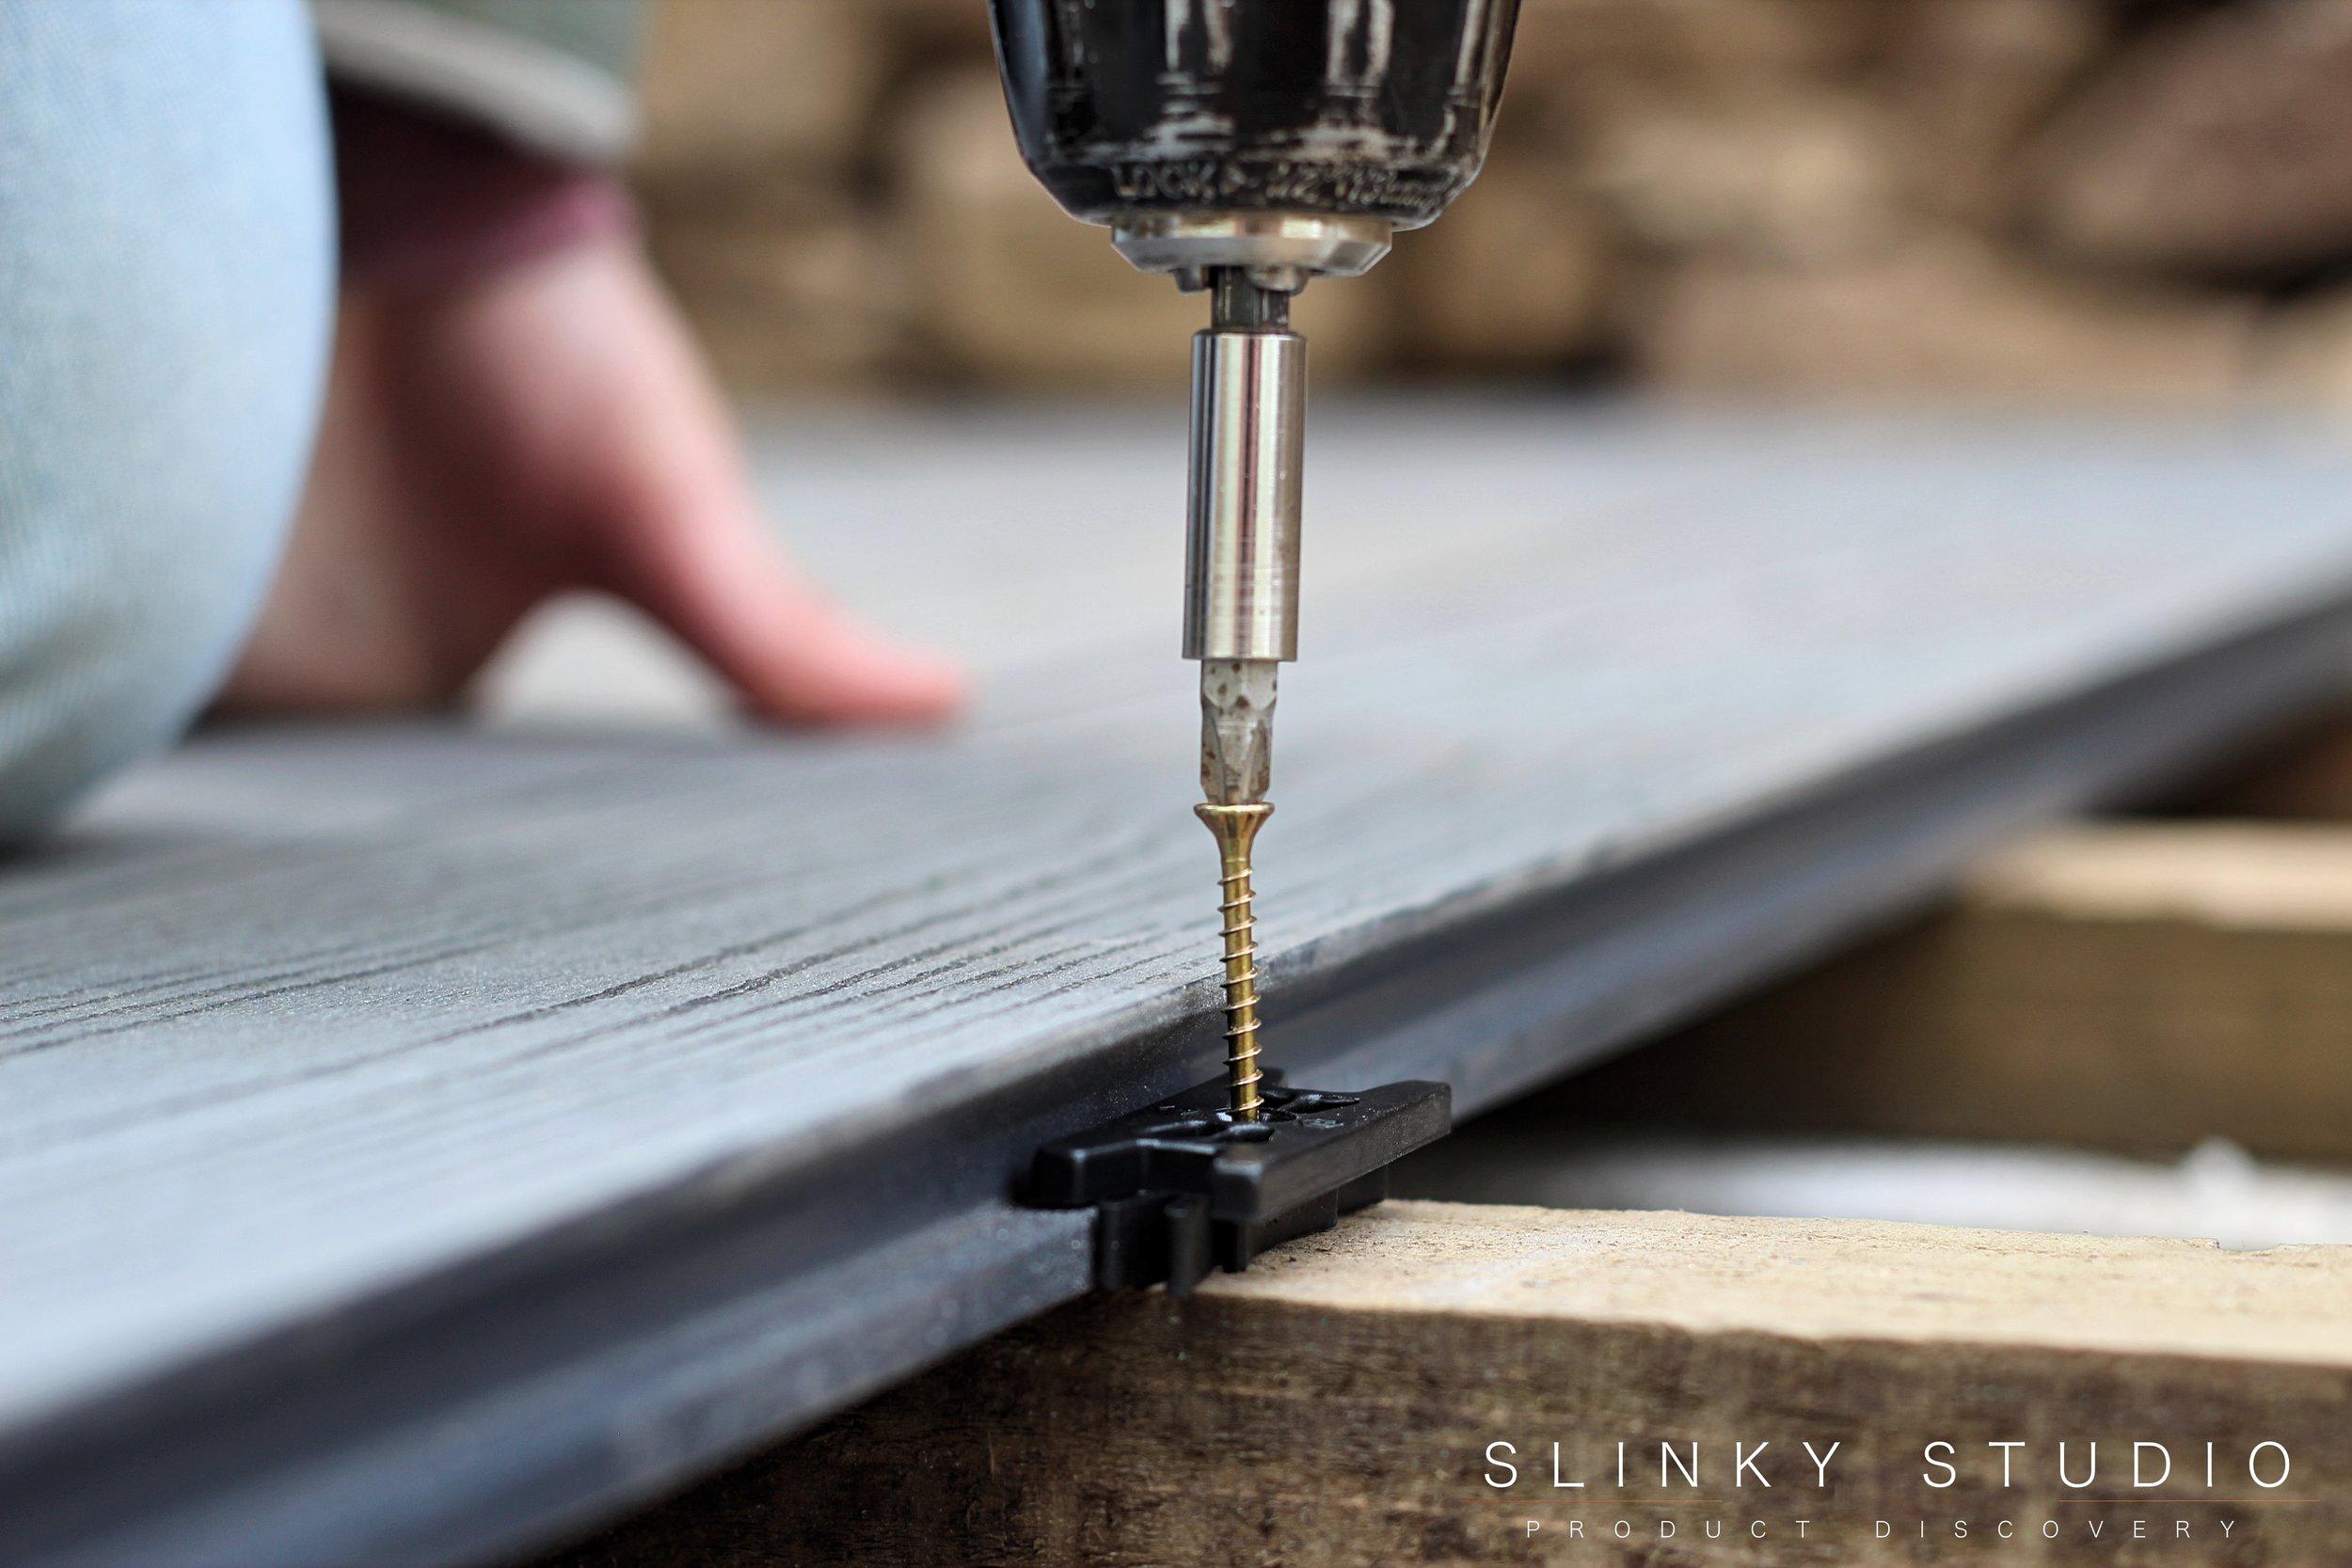 Havwoods Trekker Composite Decking Screwing Plastic Clip.jpg